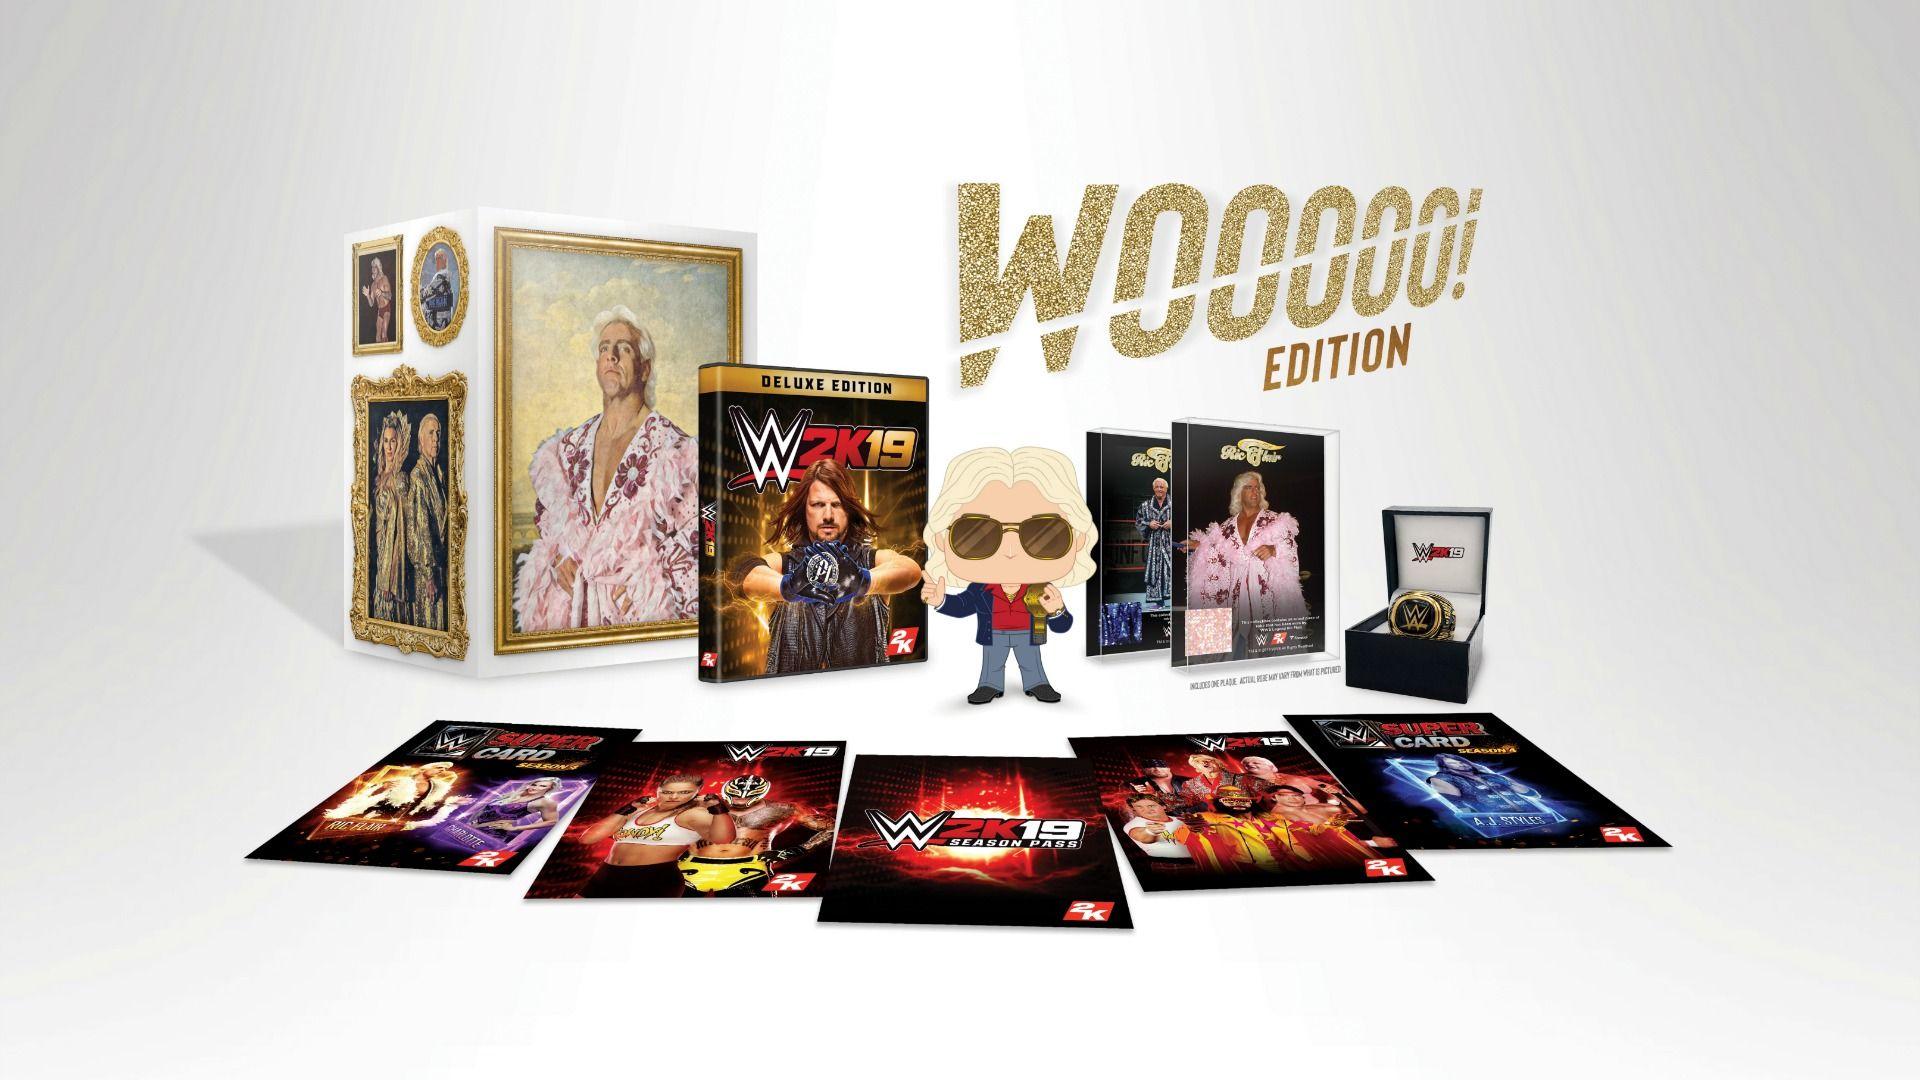 Wwe 2k19 Wooooo Edition Announced Ign